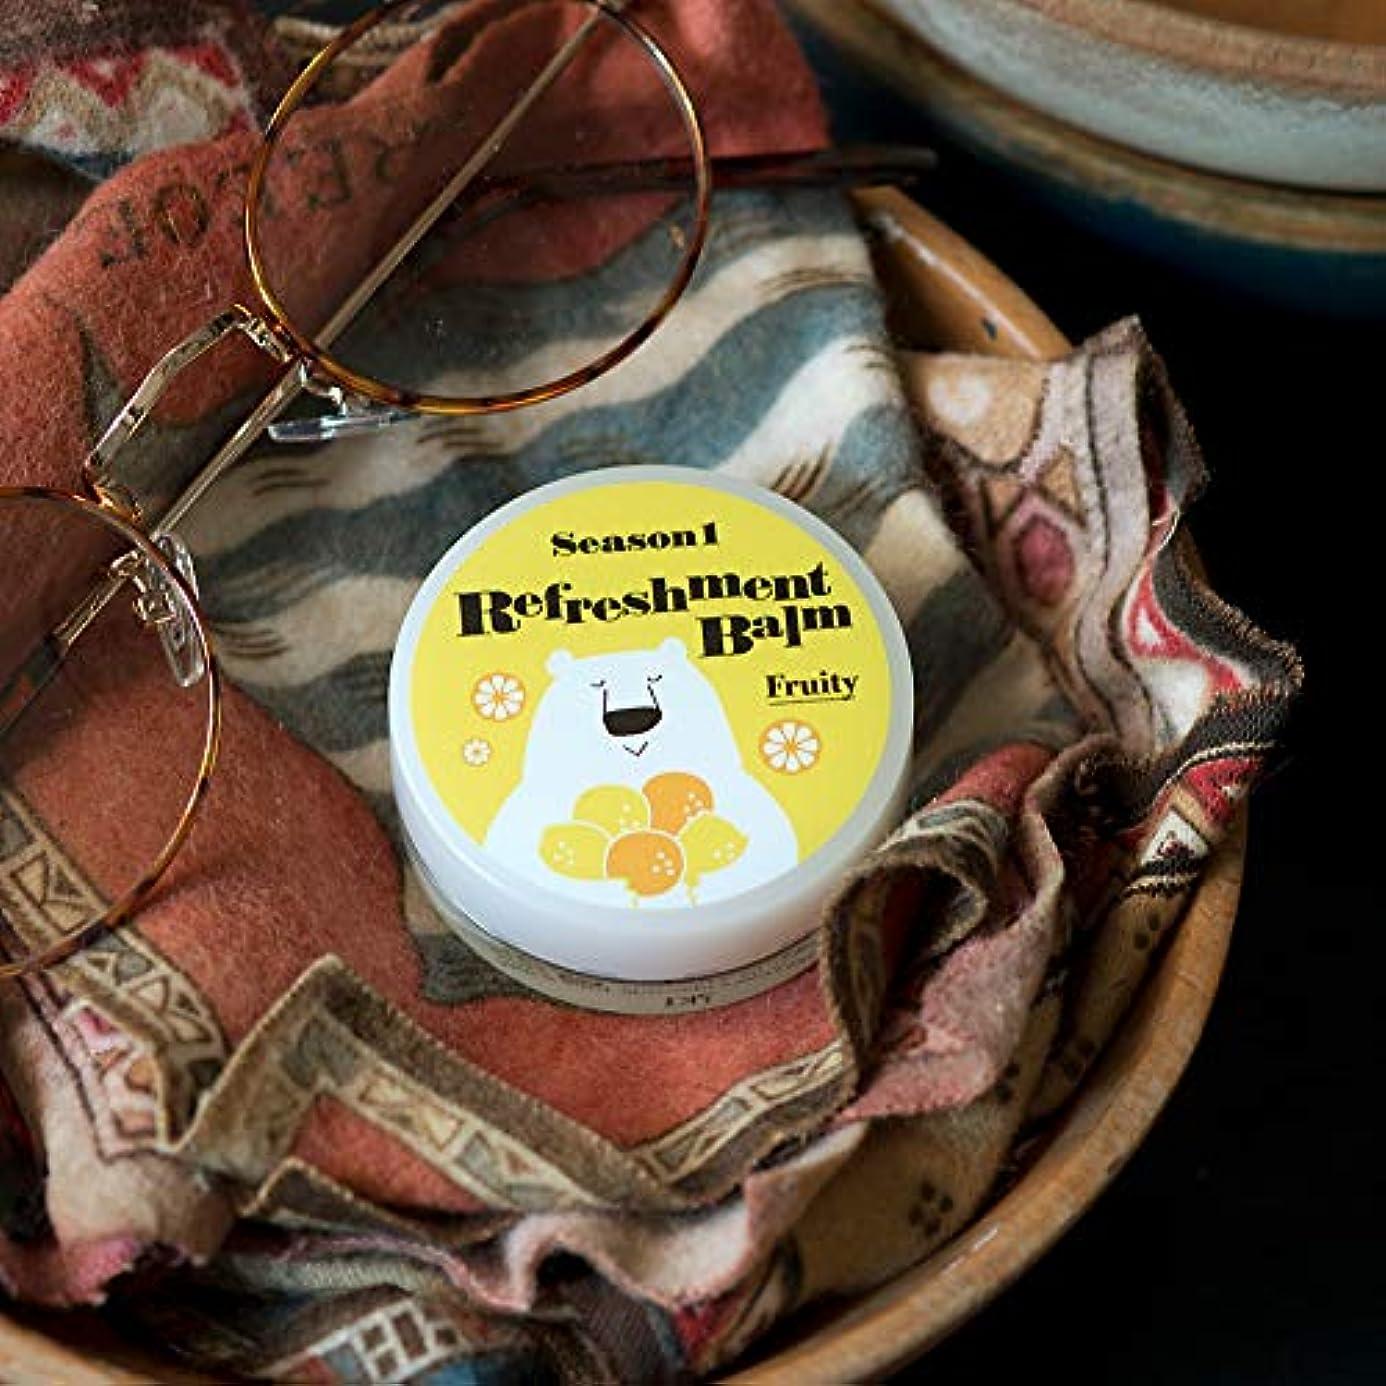 ナイロンボーダー病者(美健)BIKEN カサカサ鼻にひと塗り リフレッシュメントバーム フルーティ エッセンシャルオイル(精油)のみで香り付け